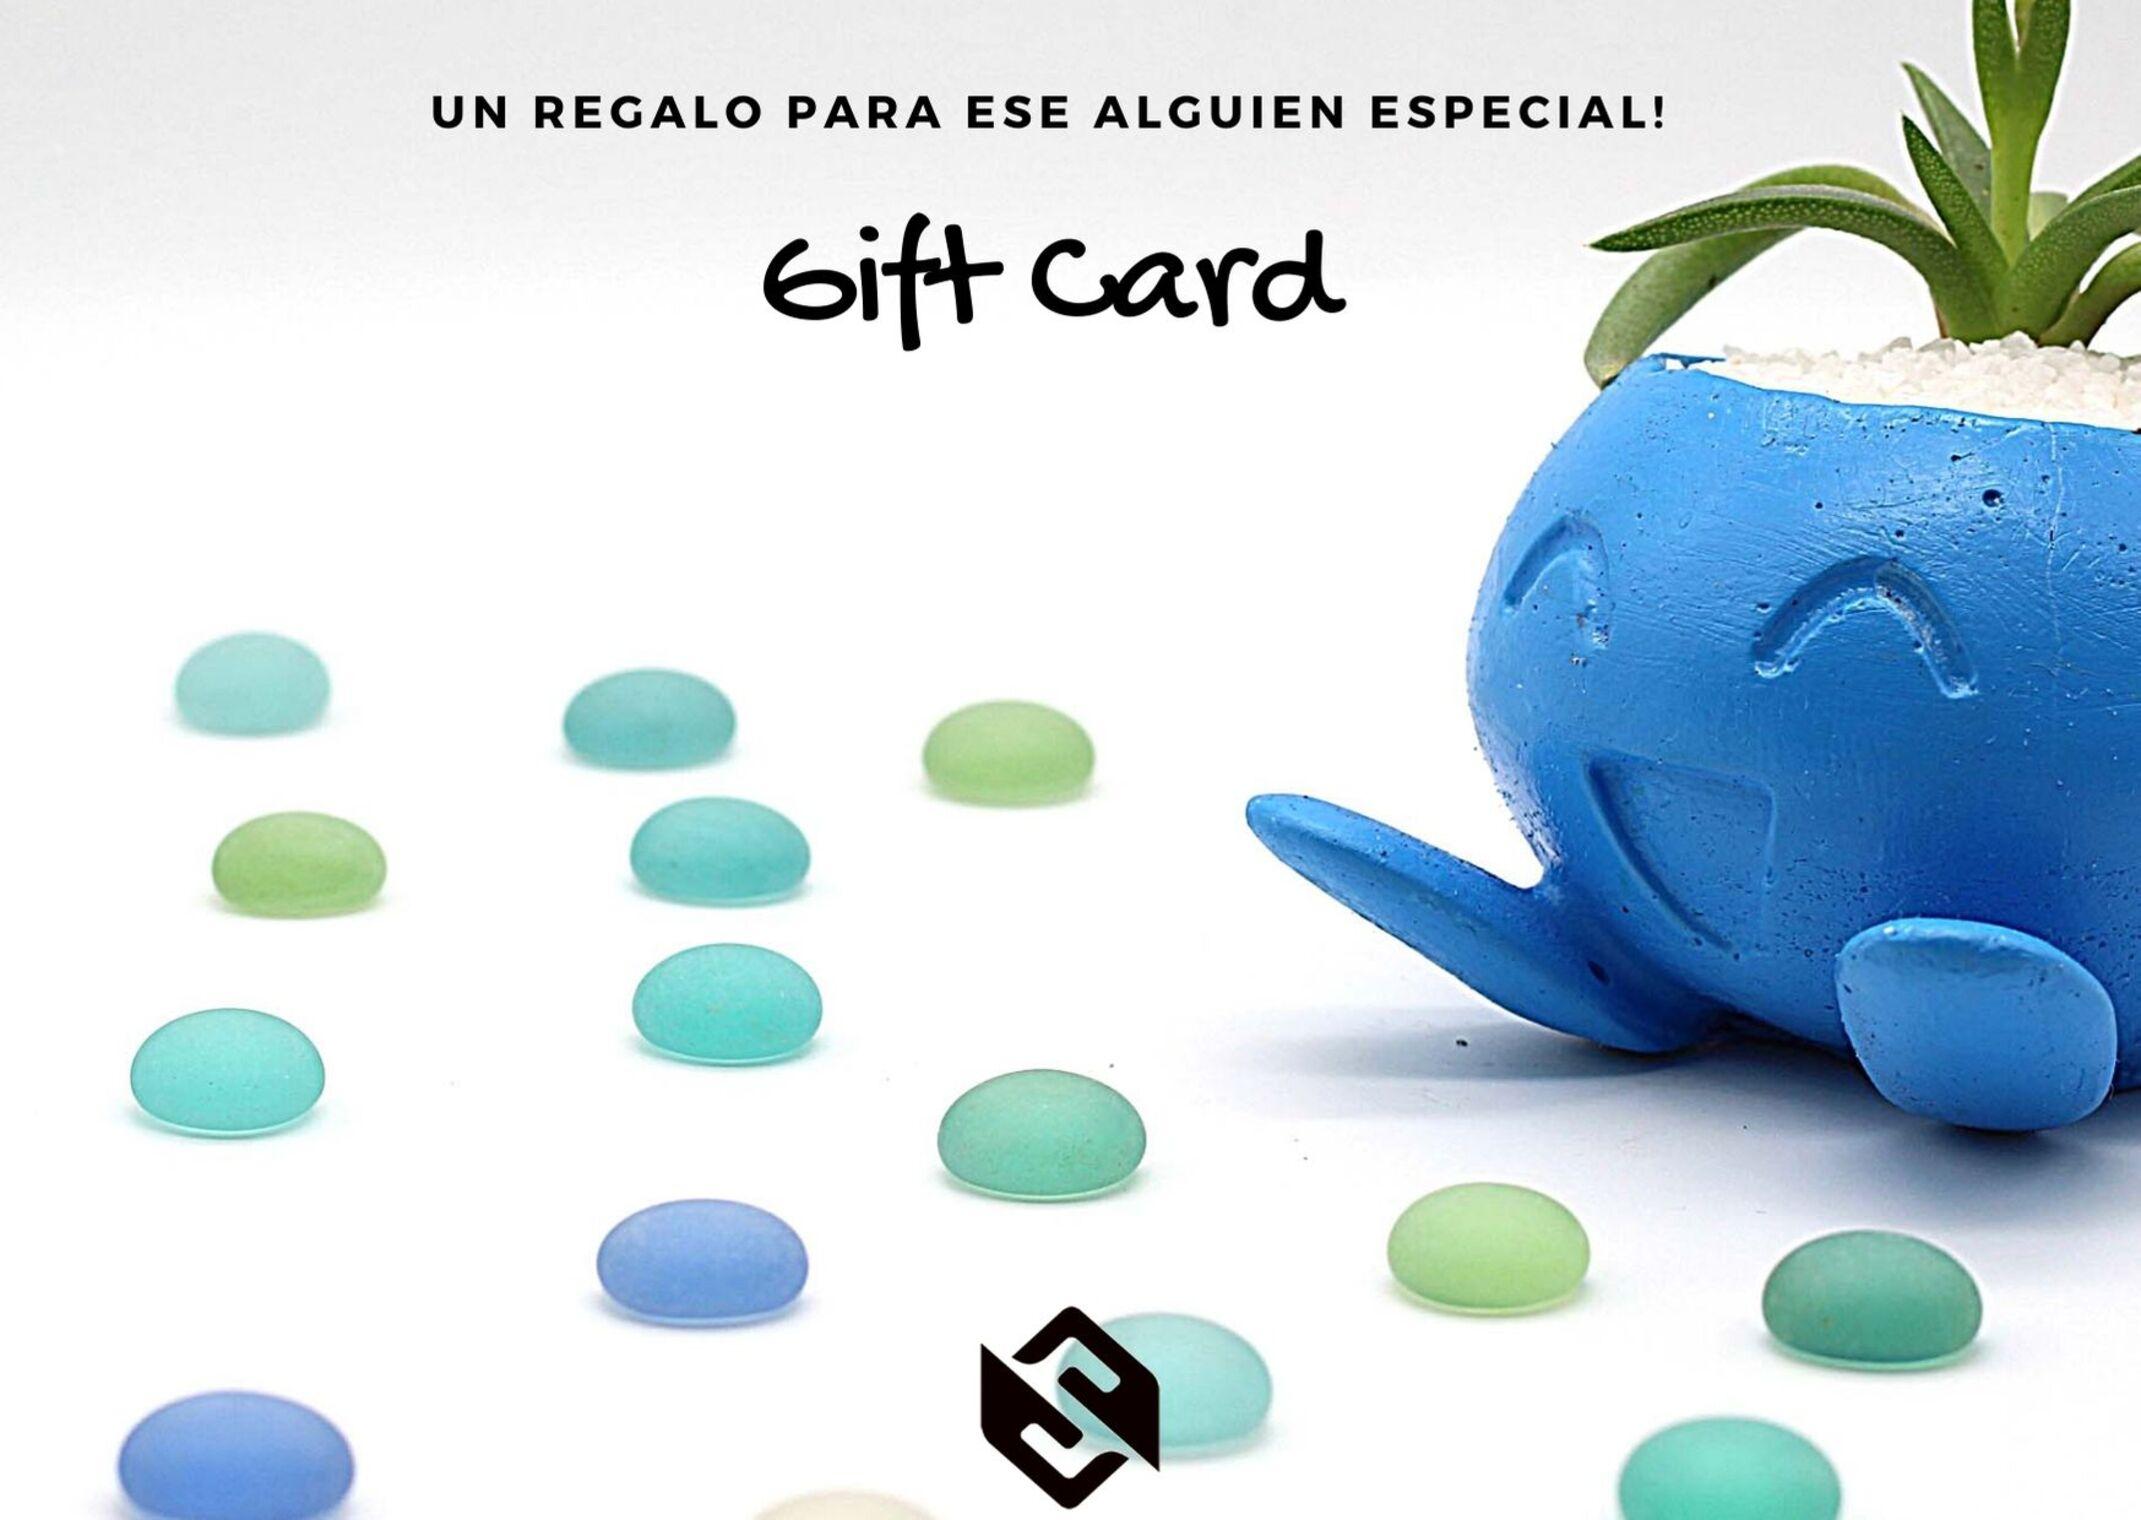 Gift Card Sólidos